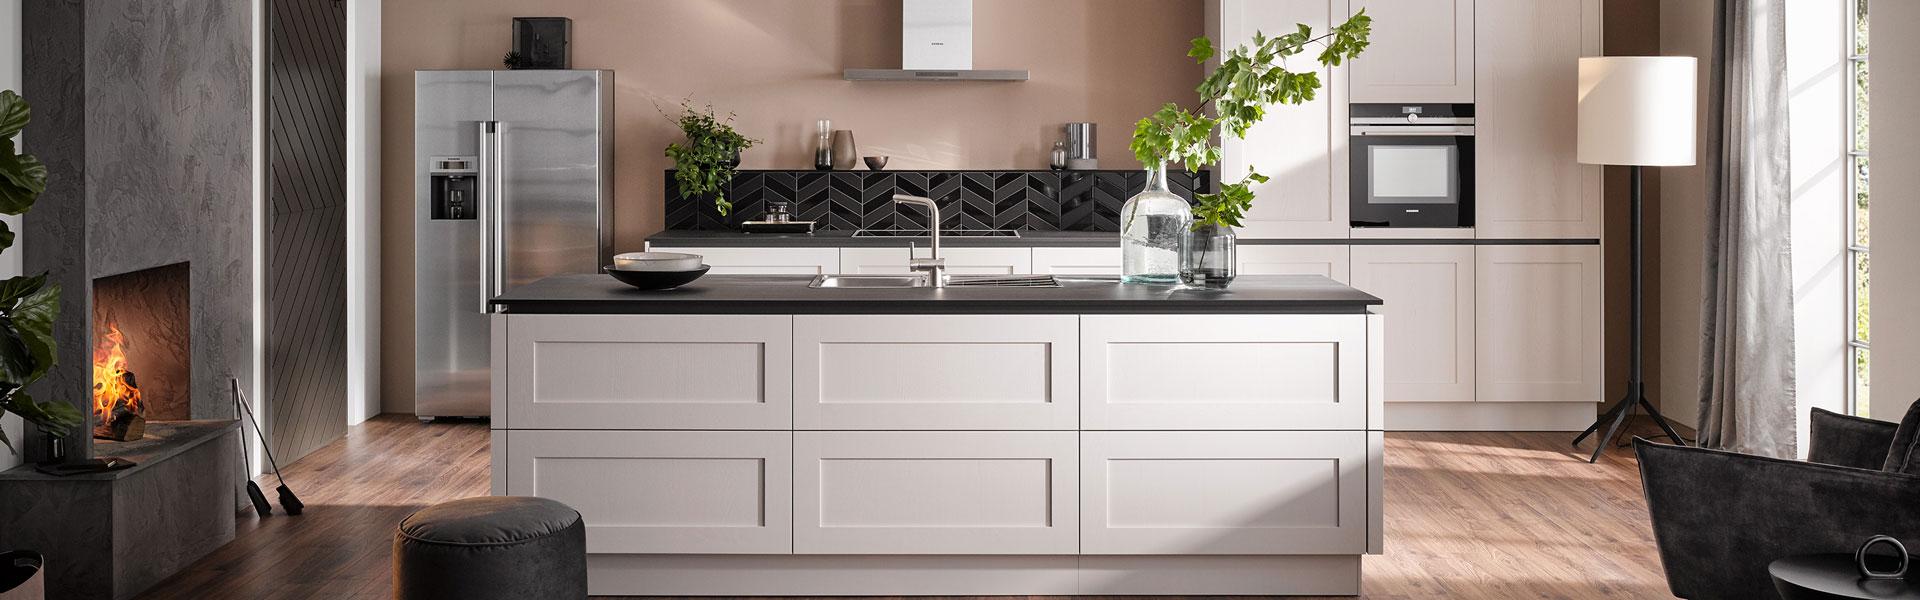 Klassieke keuken met accessoires | Eigenhuis Keukens